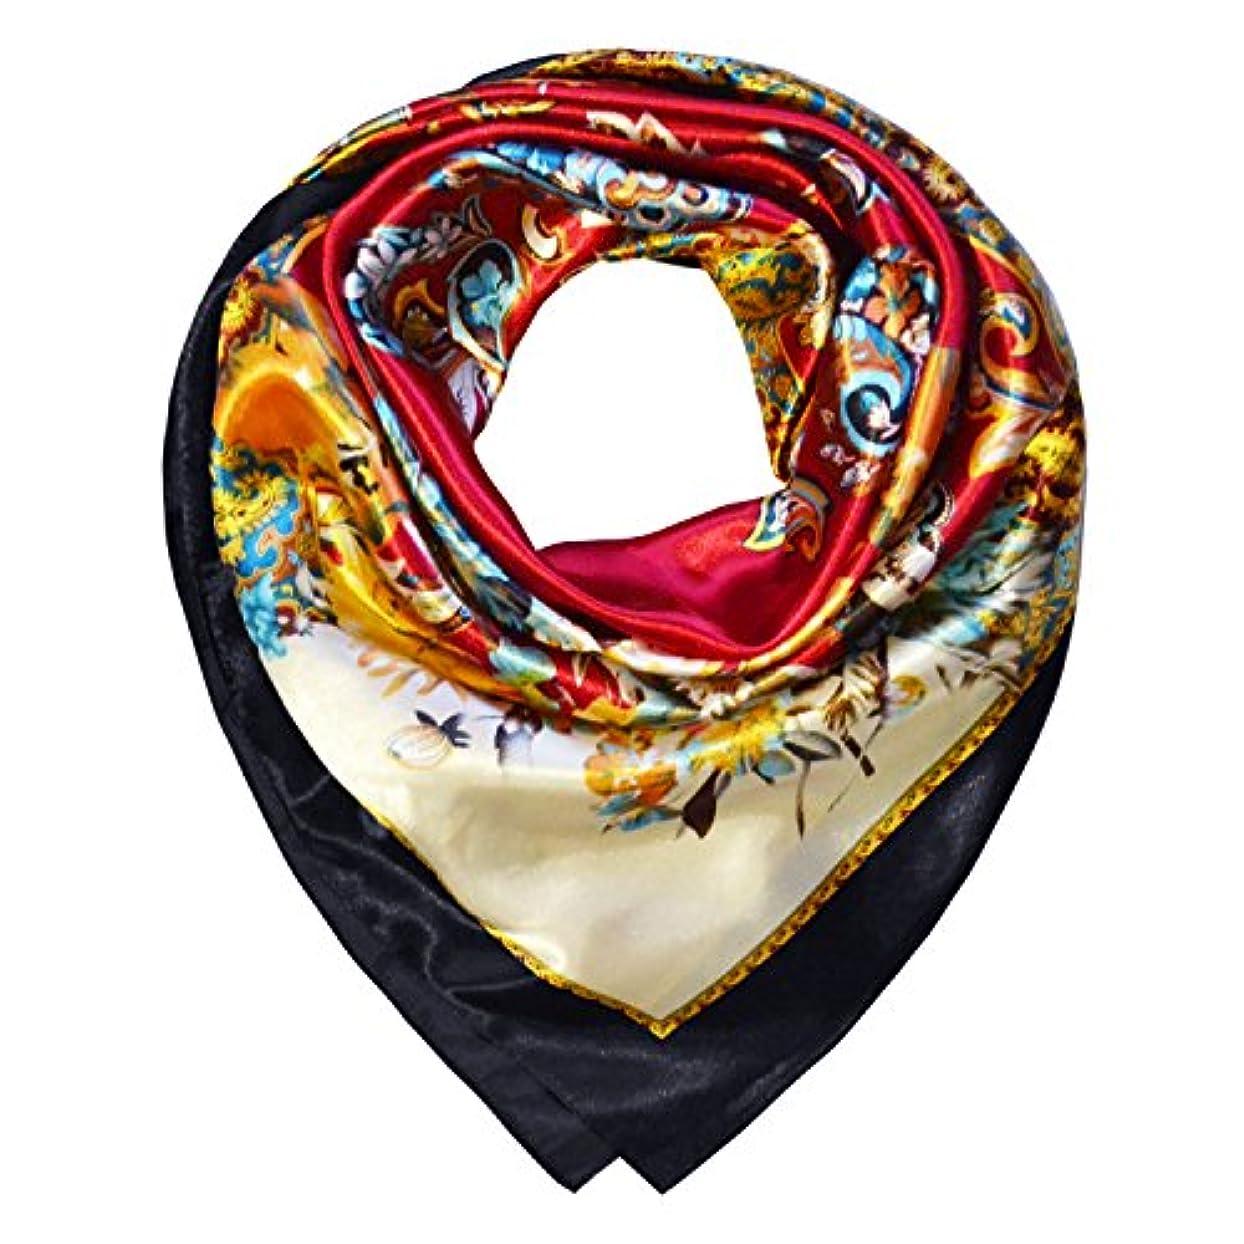 特に悲しいことに説得力のある(トニー&カンディス) TONY & CANDICE 女性用100%ポリエステル繊維のスカーフでシルクの手触り84cm×84cm